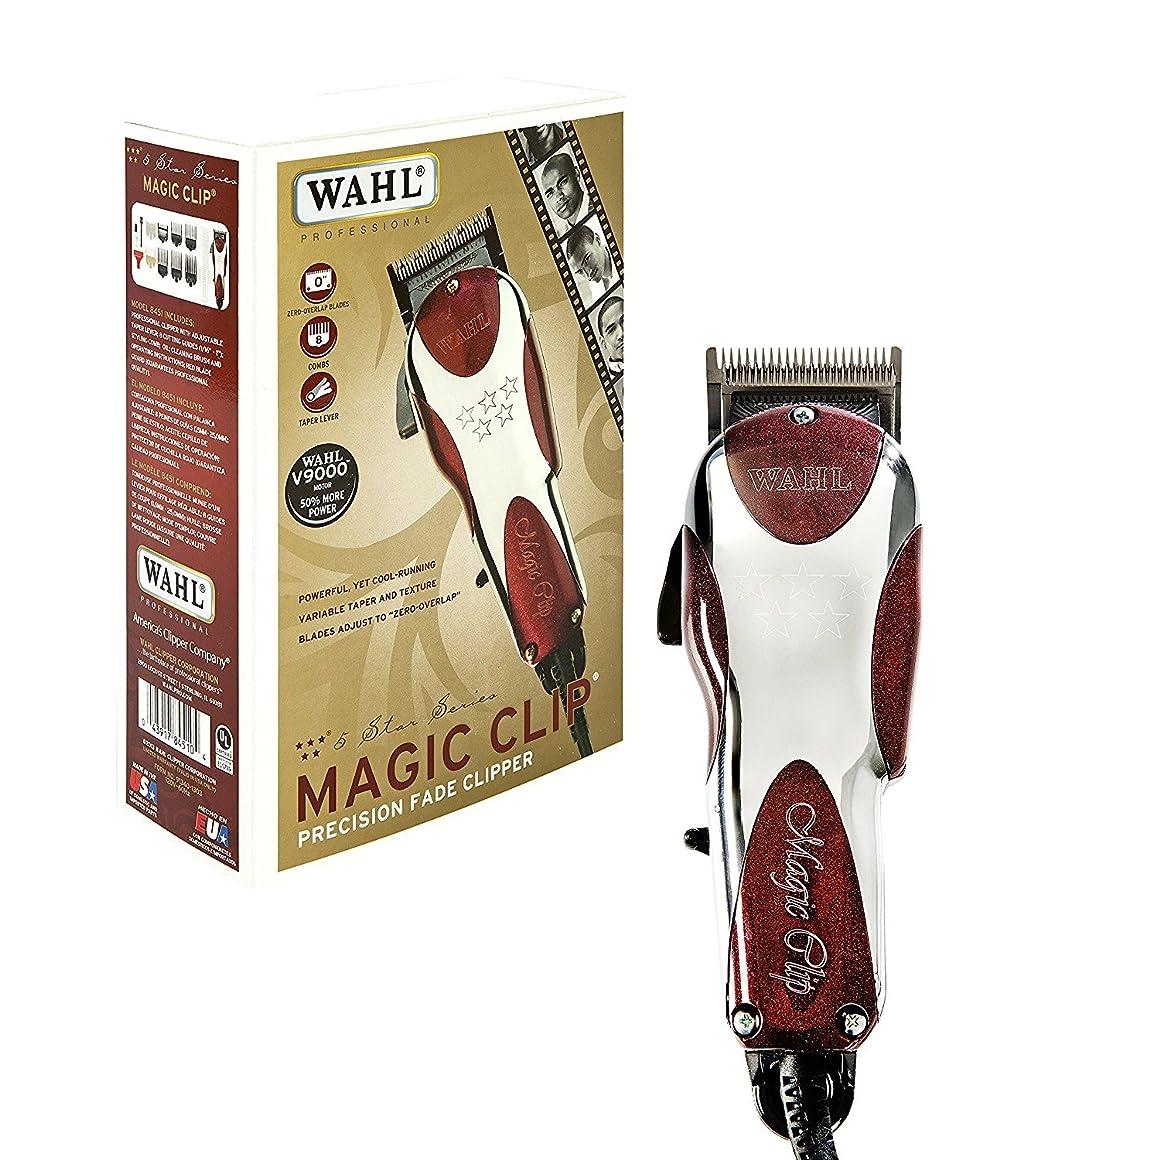 手伝う攻撃関与するWahl Professional 5-Star Magic Clip #8451 – Great for Barbers and Stylists – Precision Fade Clipper with Zero Overlap Adjustable Blades (並行輸入品)